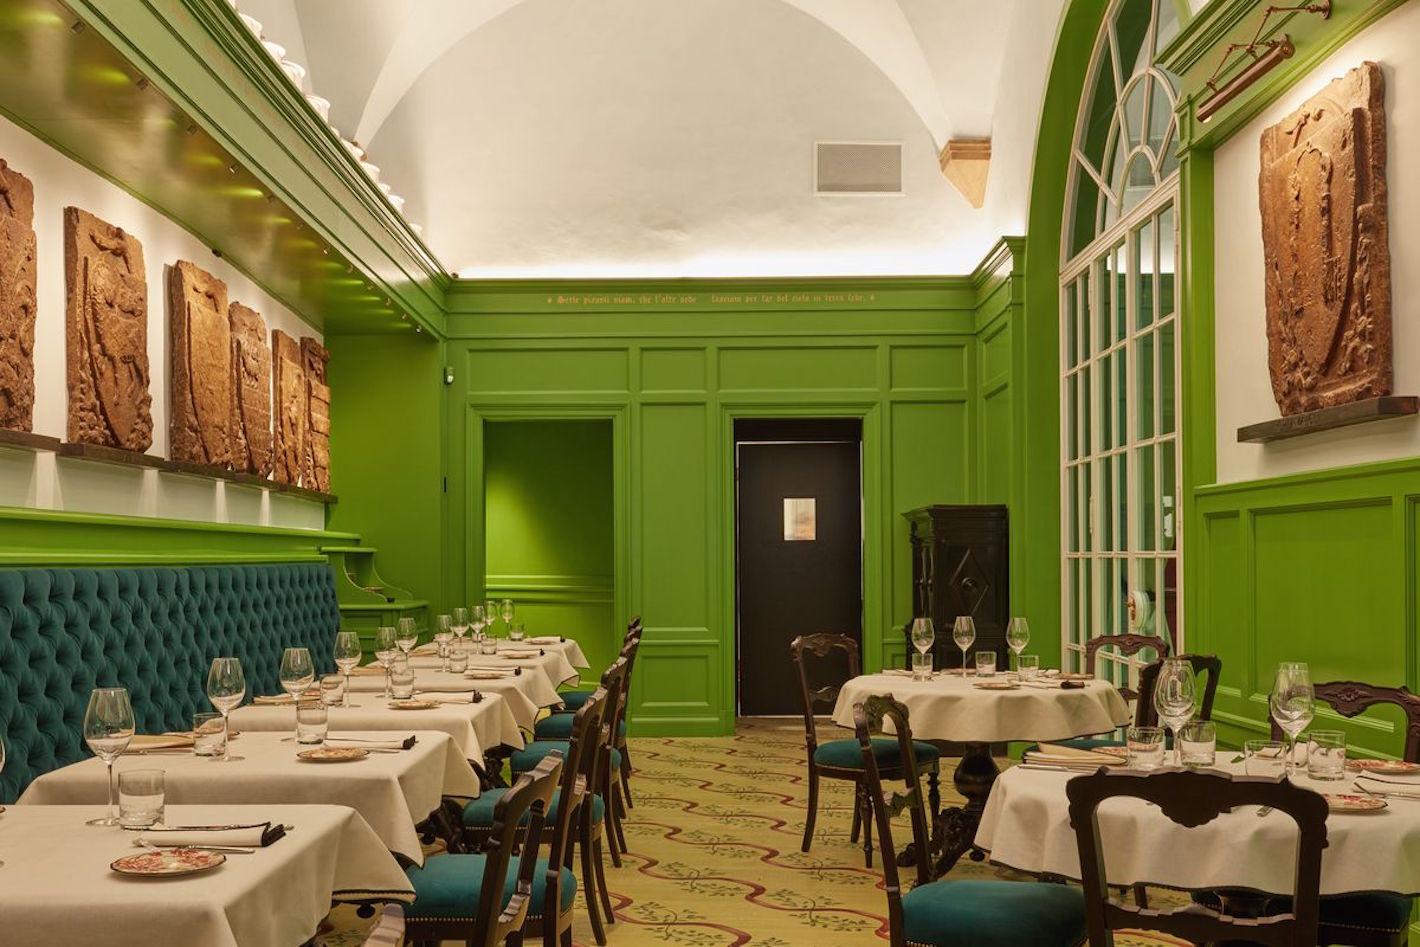 Restauracja Gucci we Florencji otwiera swoje drzwi!